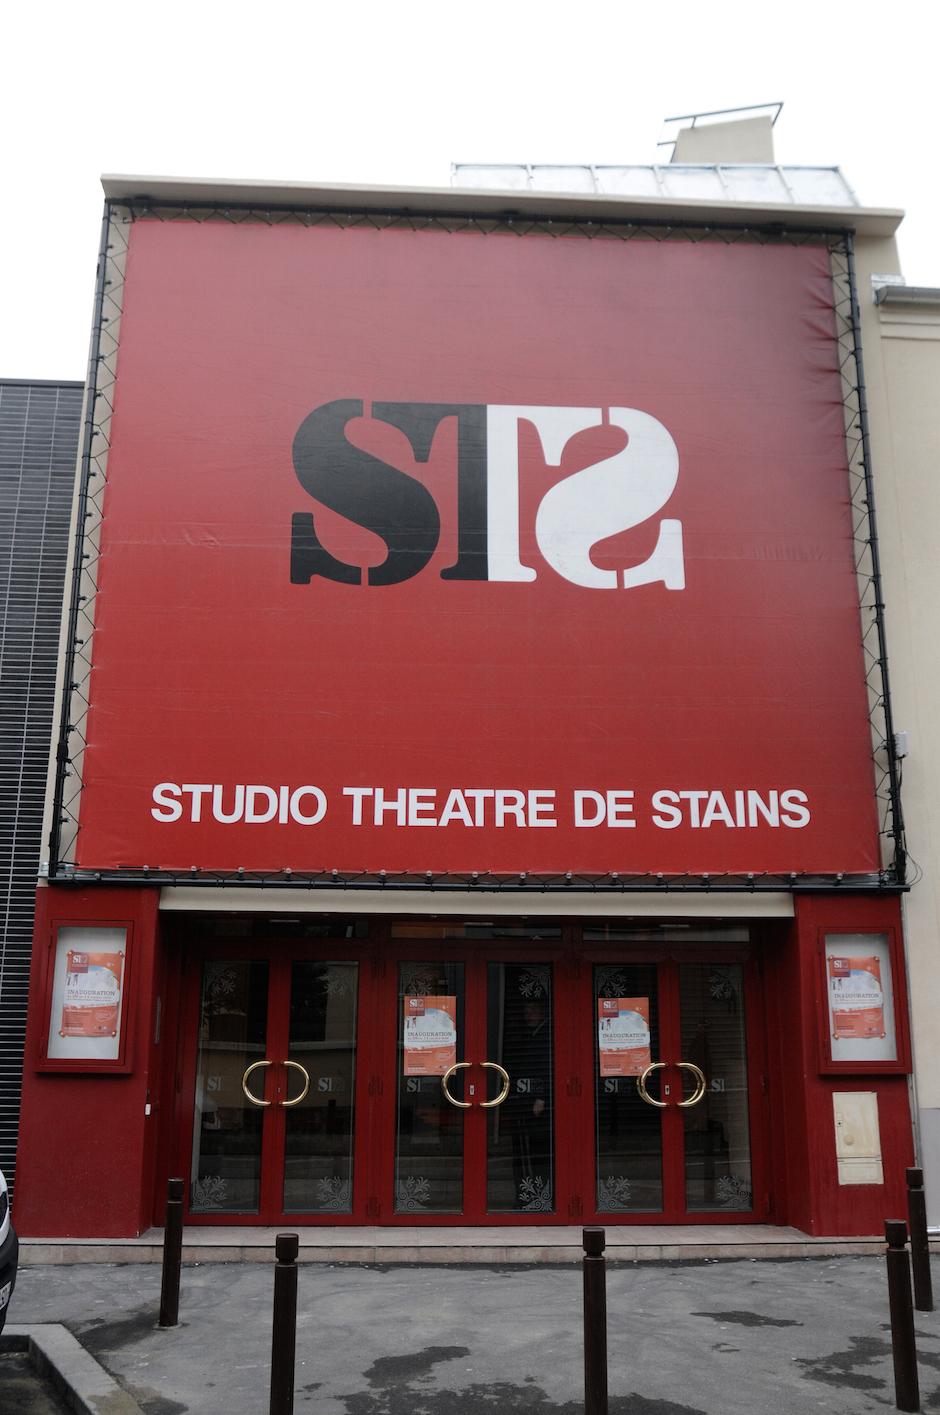 Studio Théâtre de Stains / © Benoite FANTON